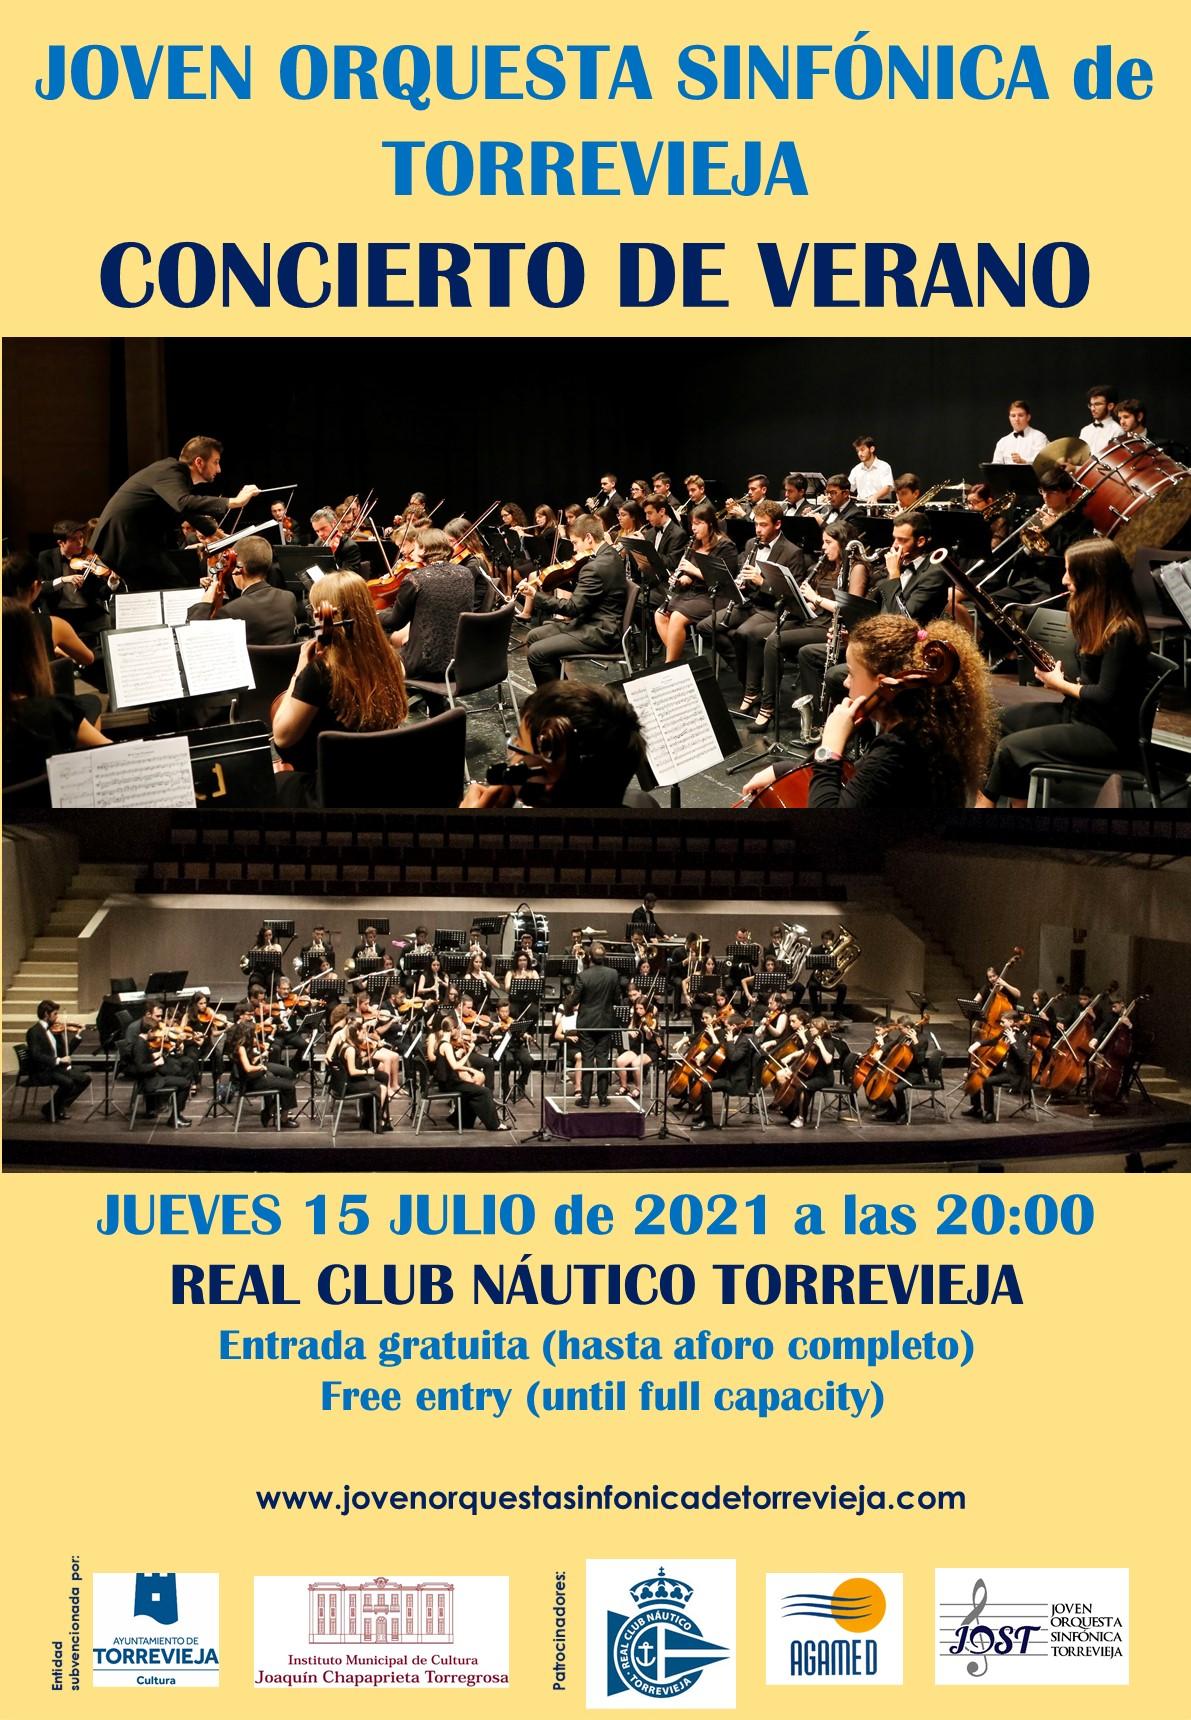 Concierto de Verano de la Joven Orquesta Sinfónica de Torrevieja